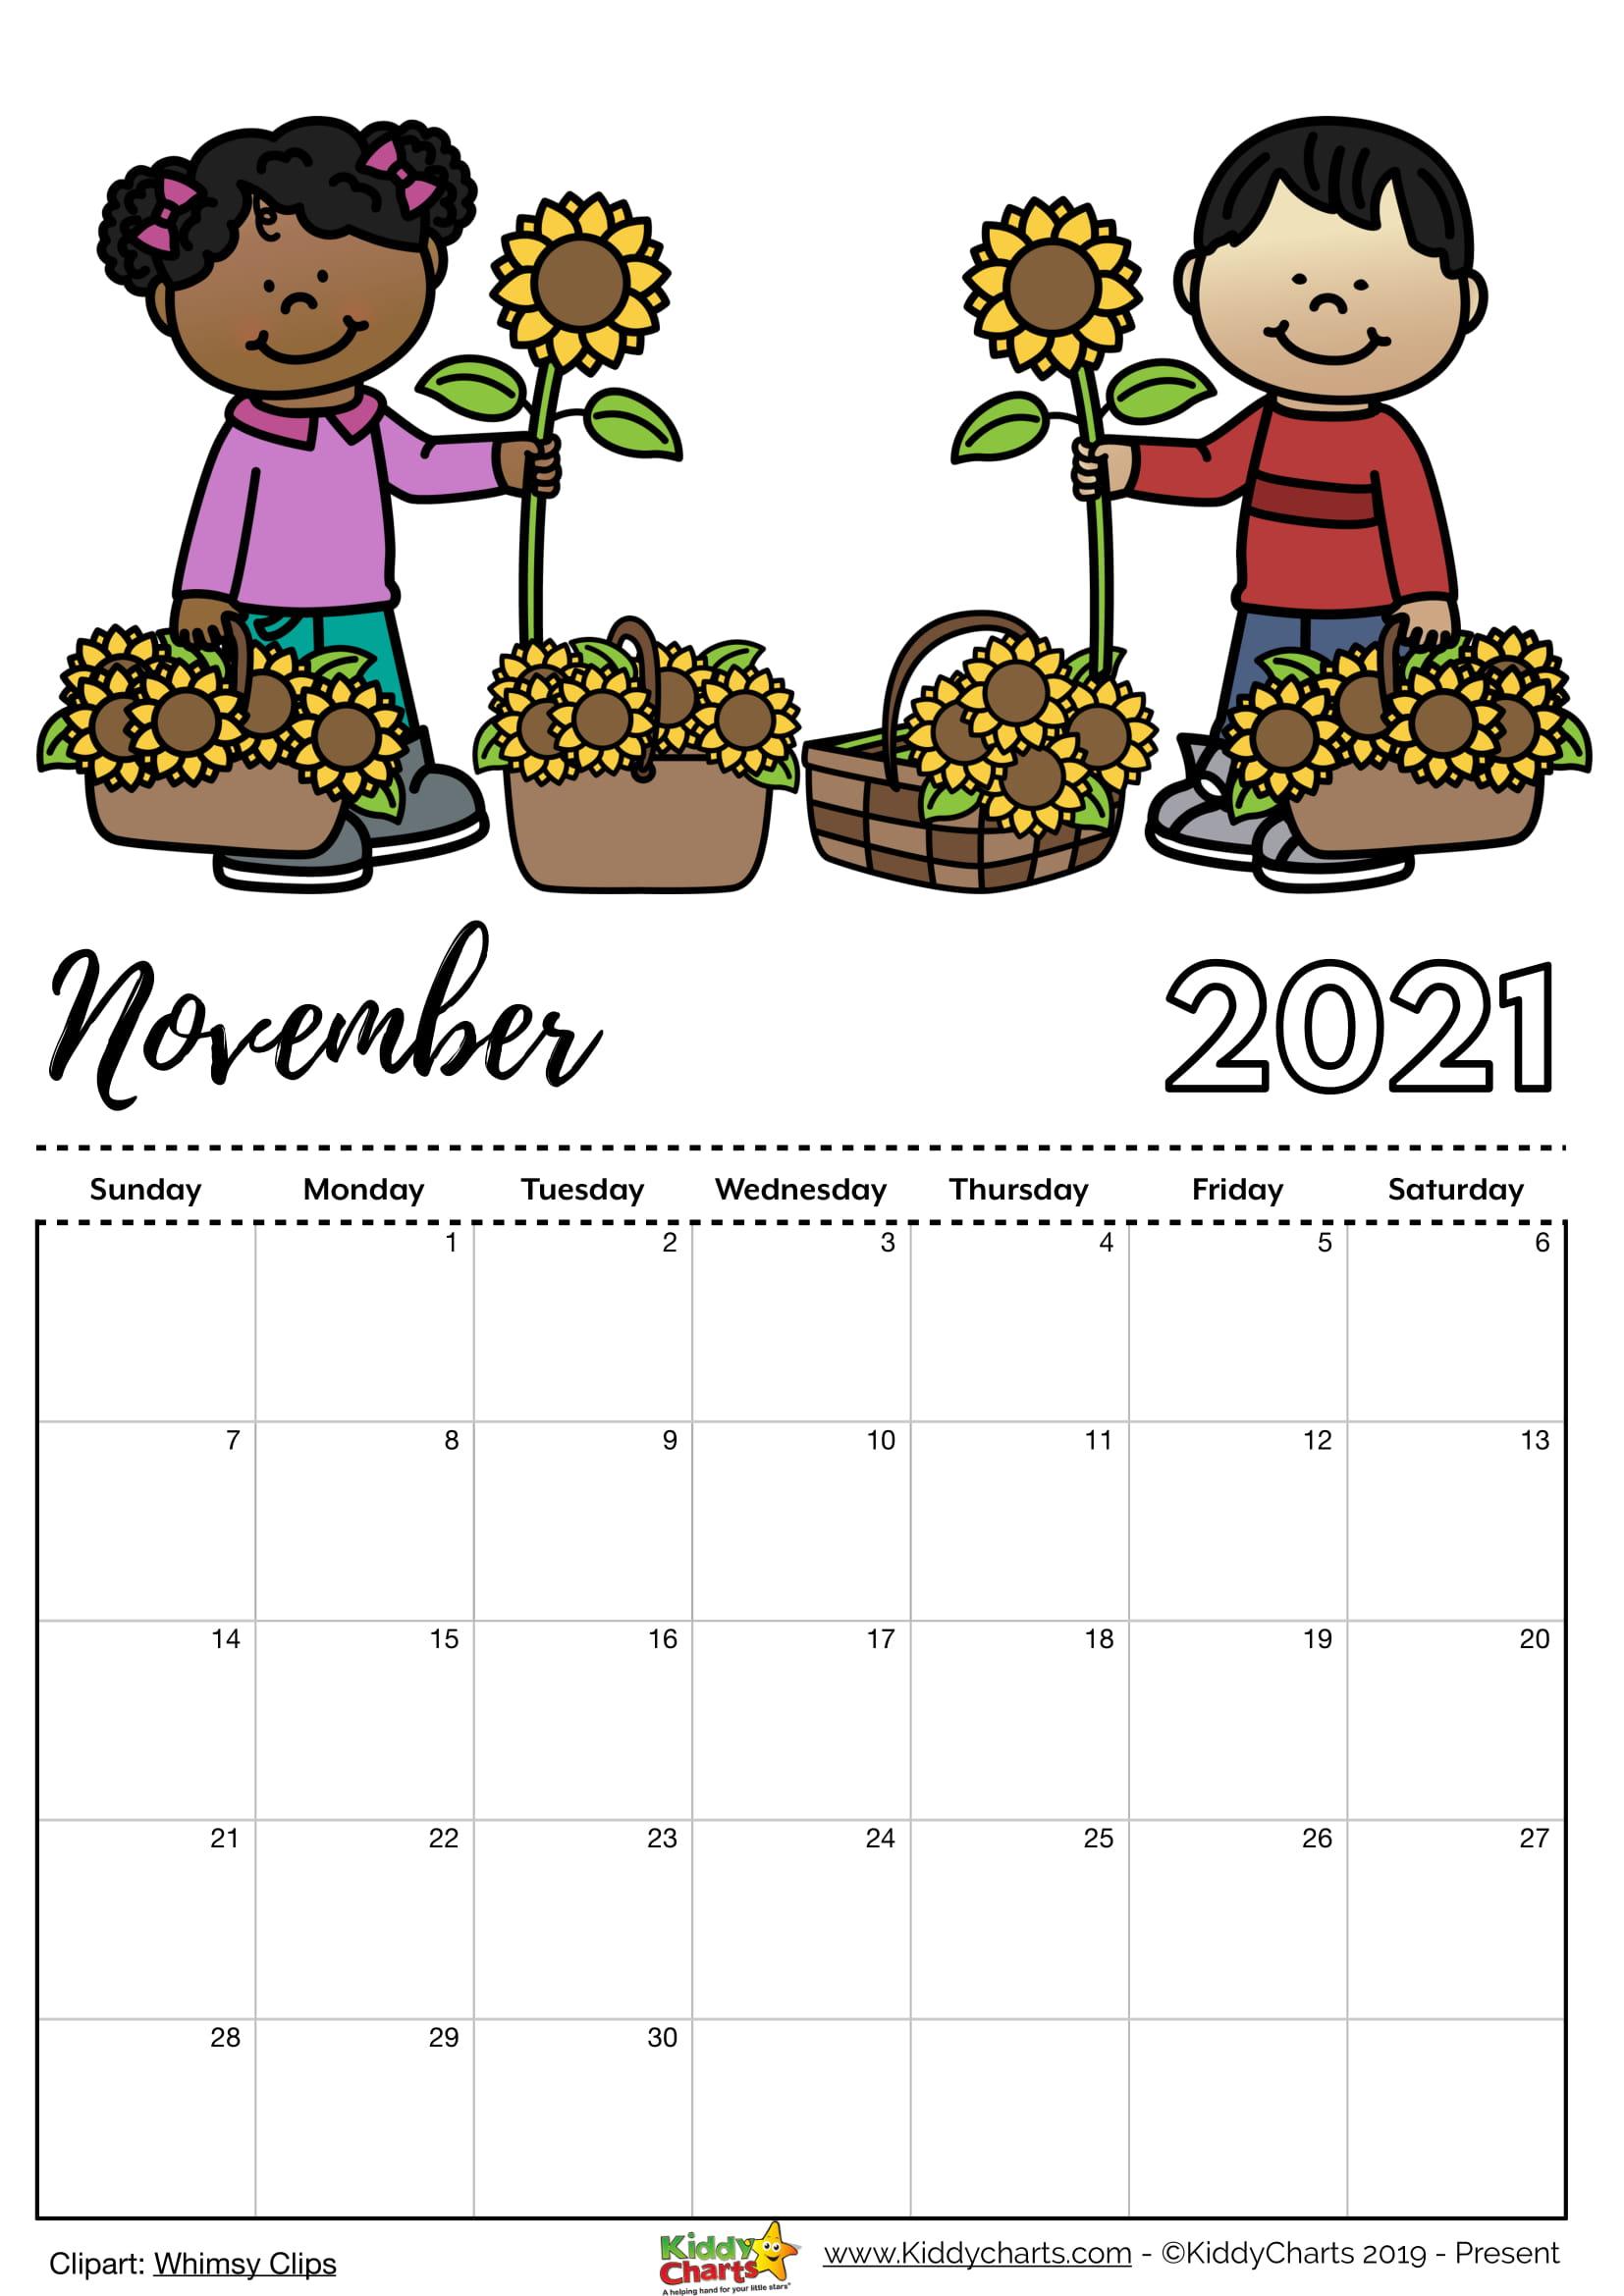 Charts 2021 November